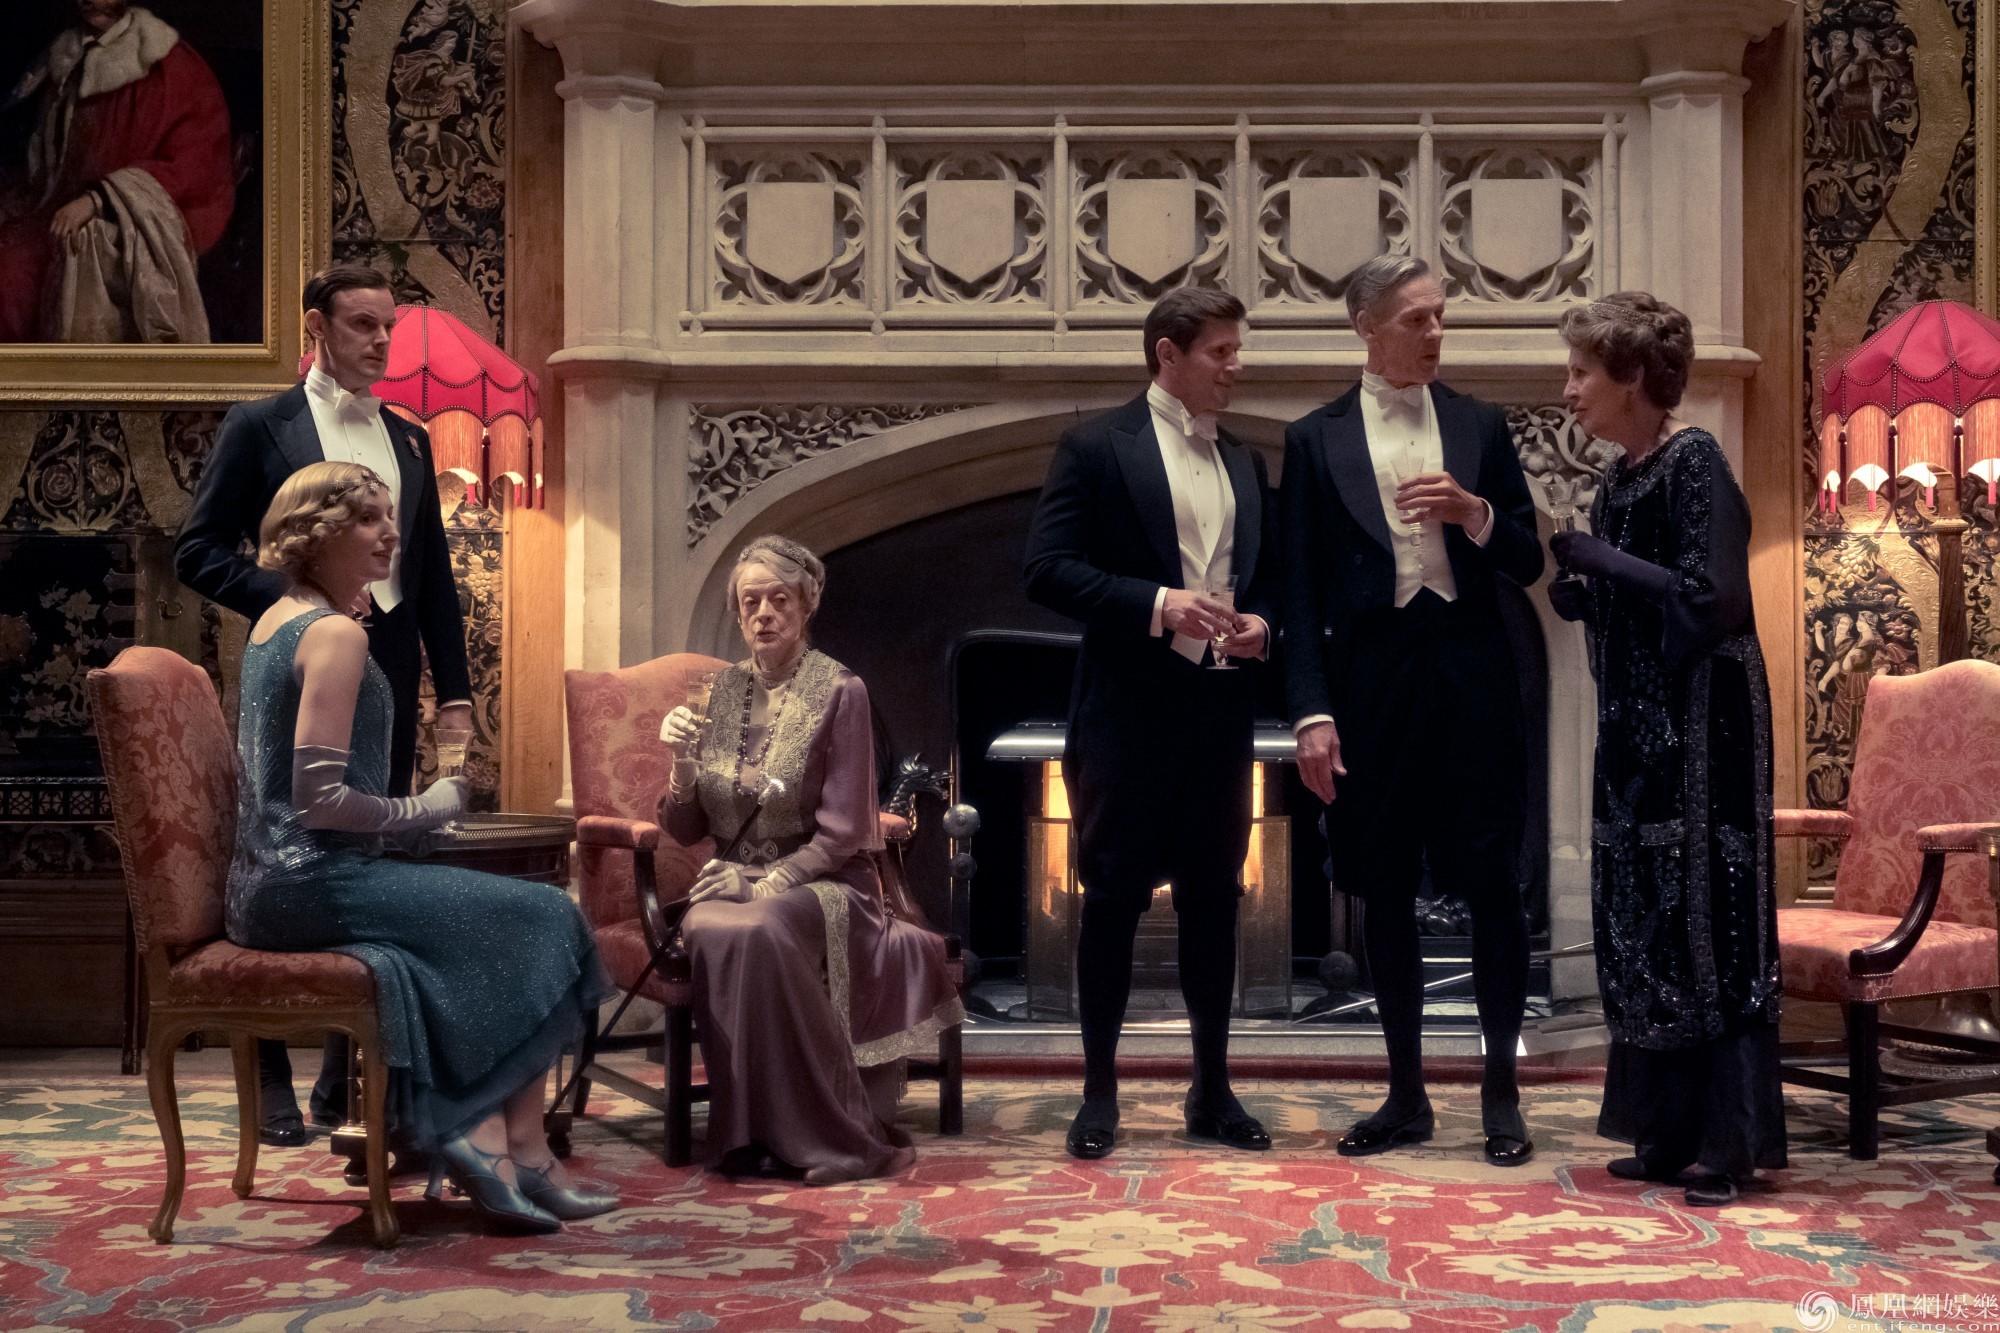 《唐顿庄园》电影版将于2019年12月13日正式登陆内地院线